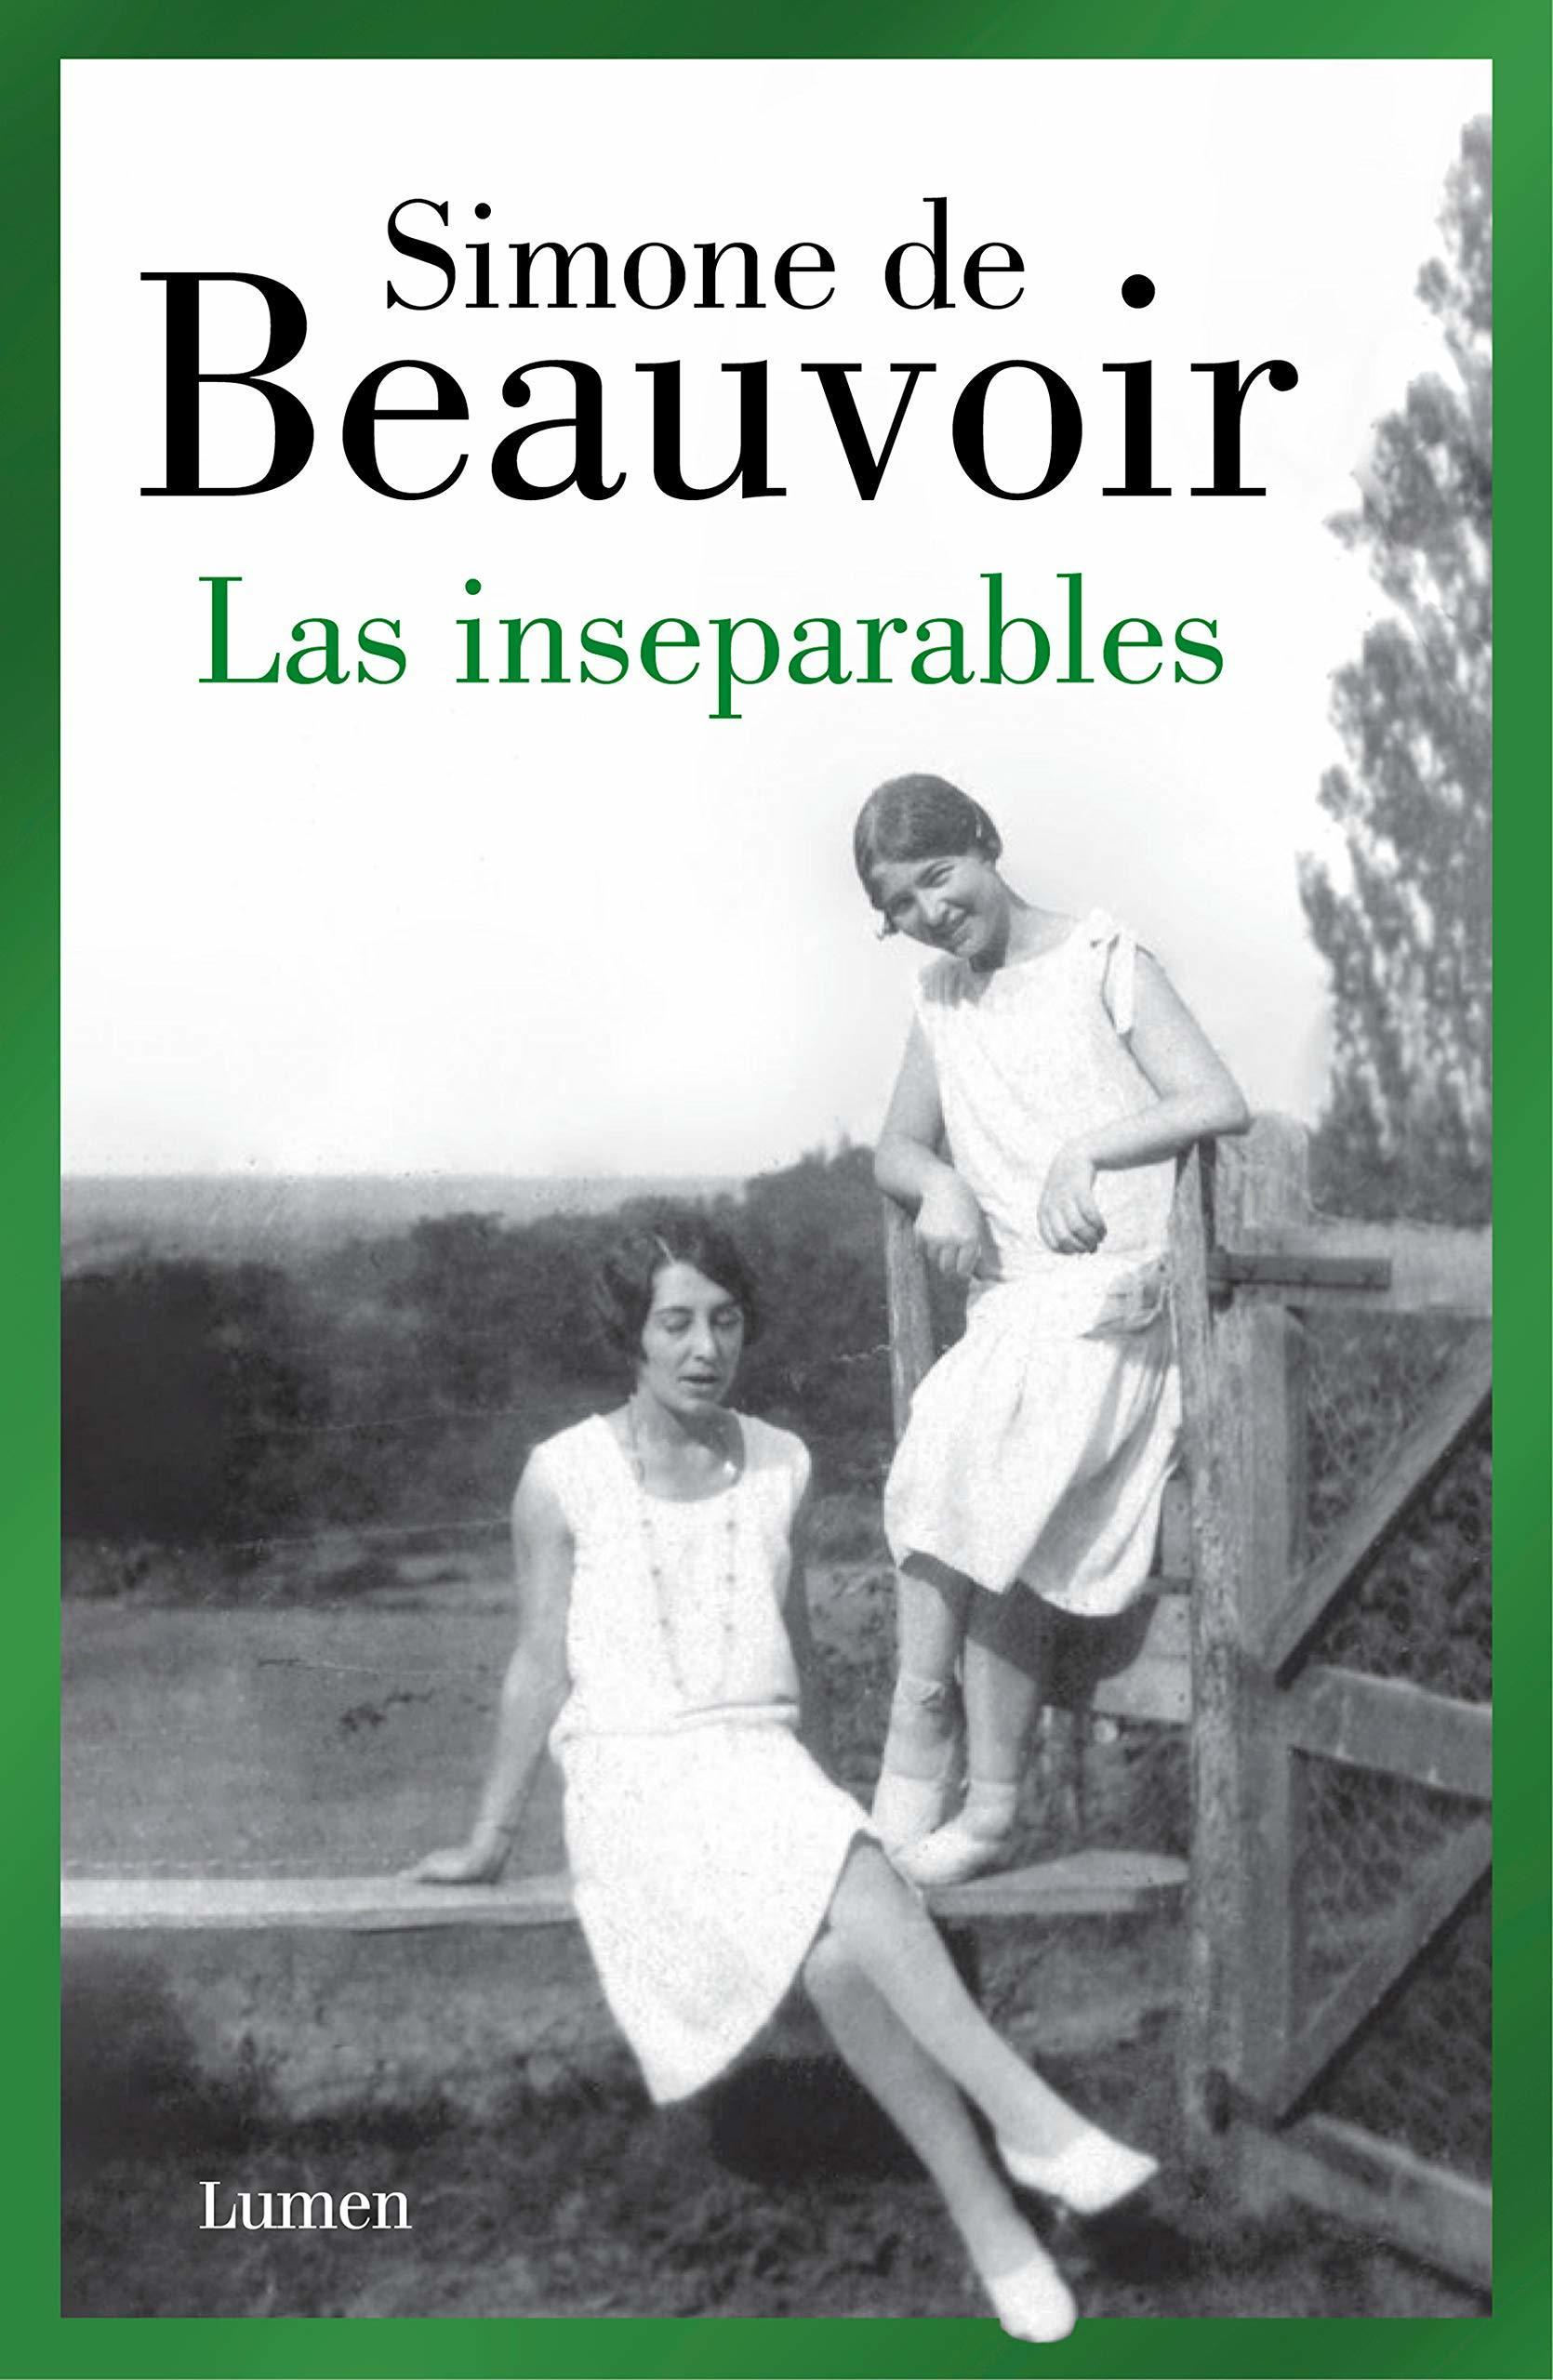 """""""Las inseparabales"""", la novela inédita de Simone de Beuavoir que publica ahora la editorial Lumen."""